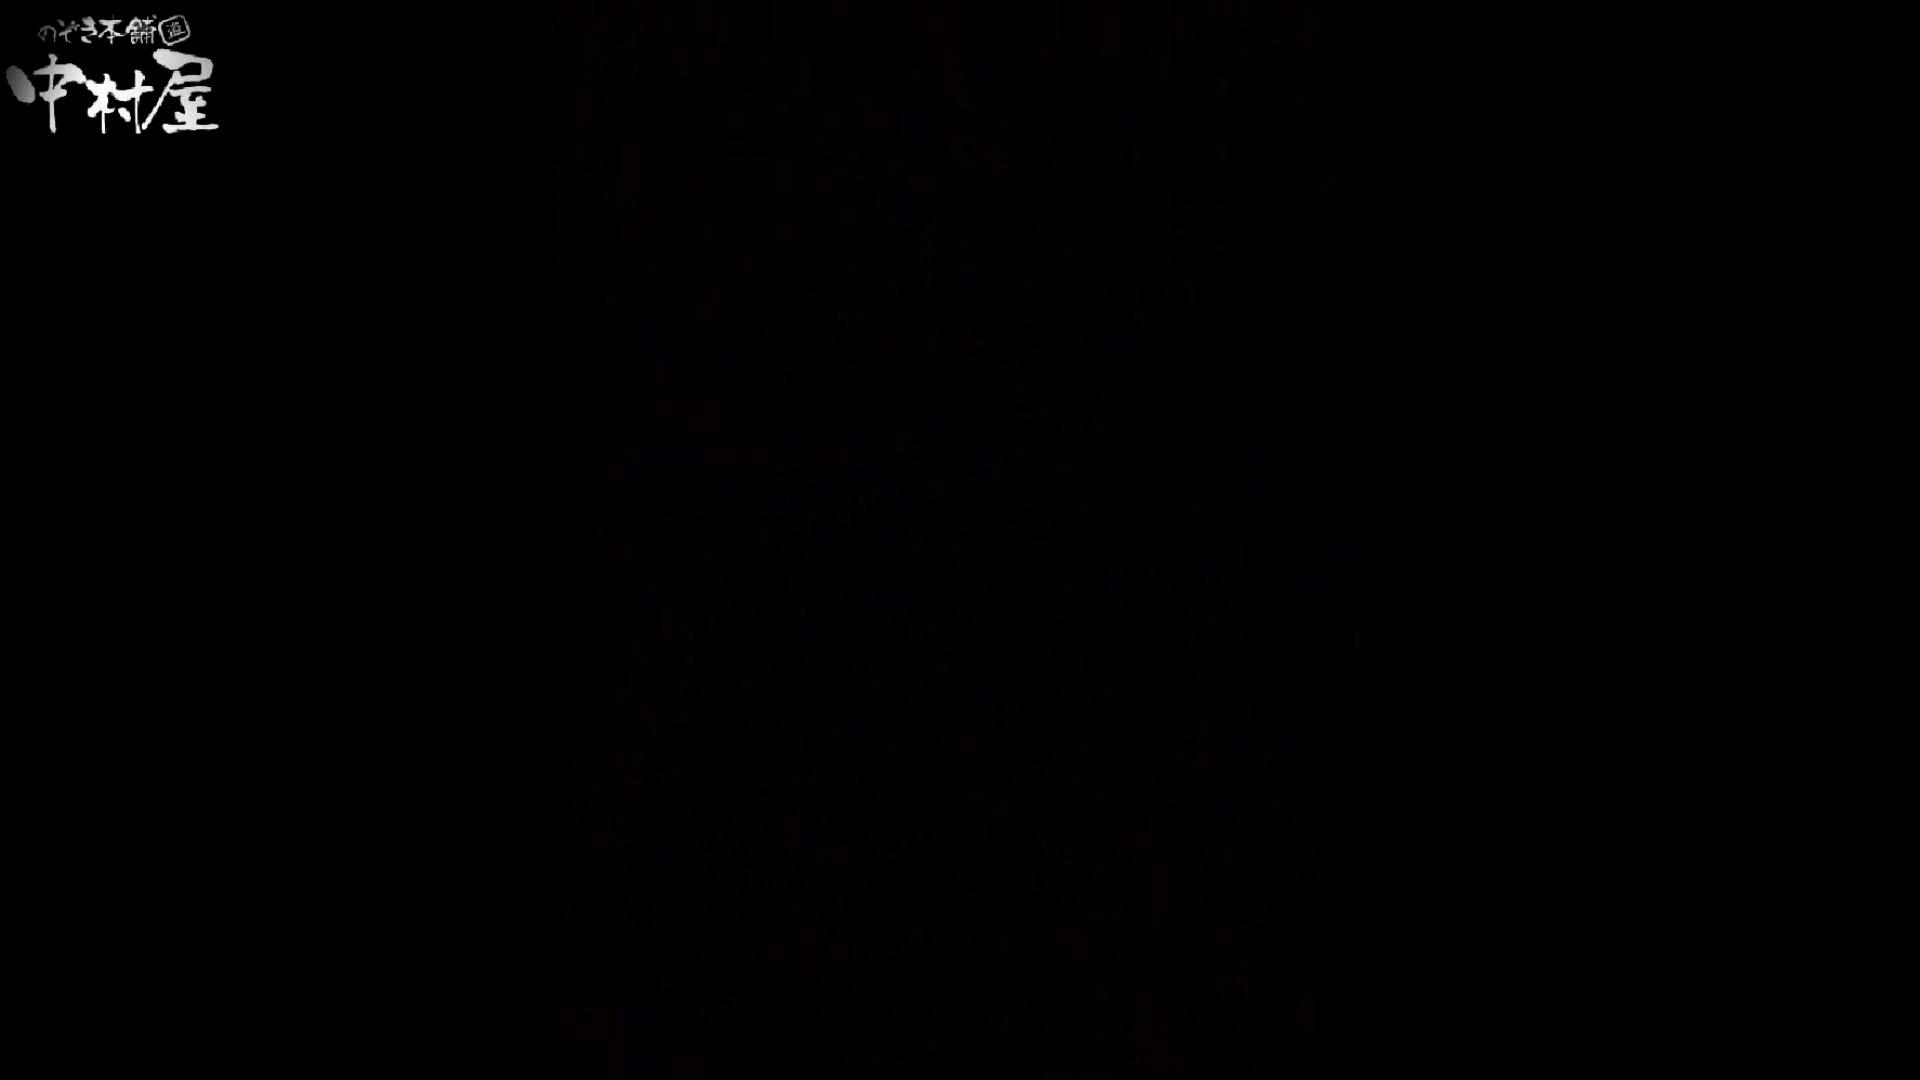 民家風呂専門盗撮師の超危険映像 vol.012 股間 | 民家エロ投稿  70画像 13